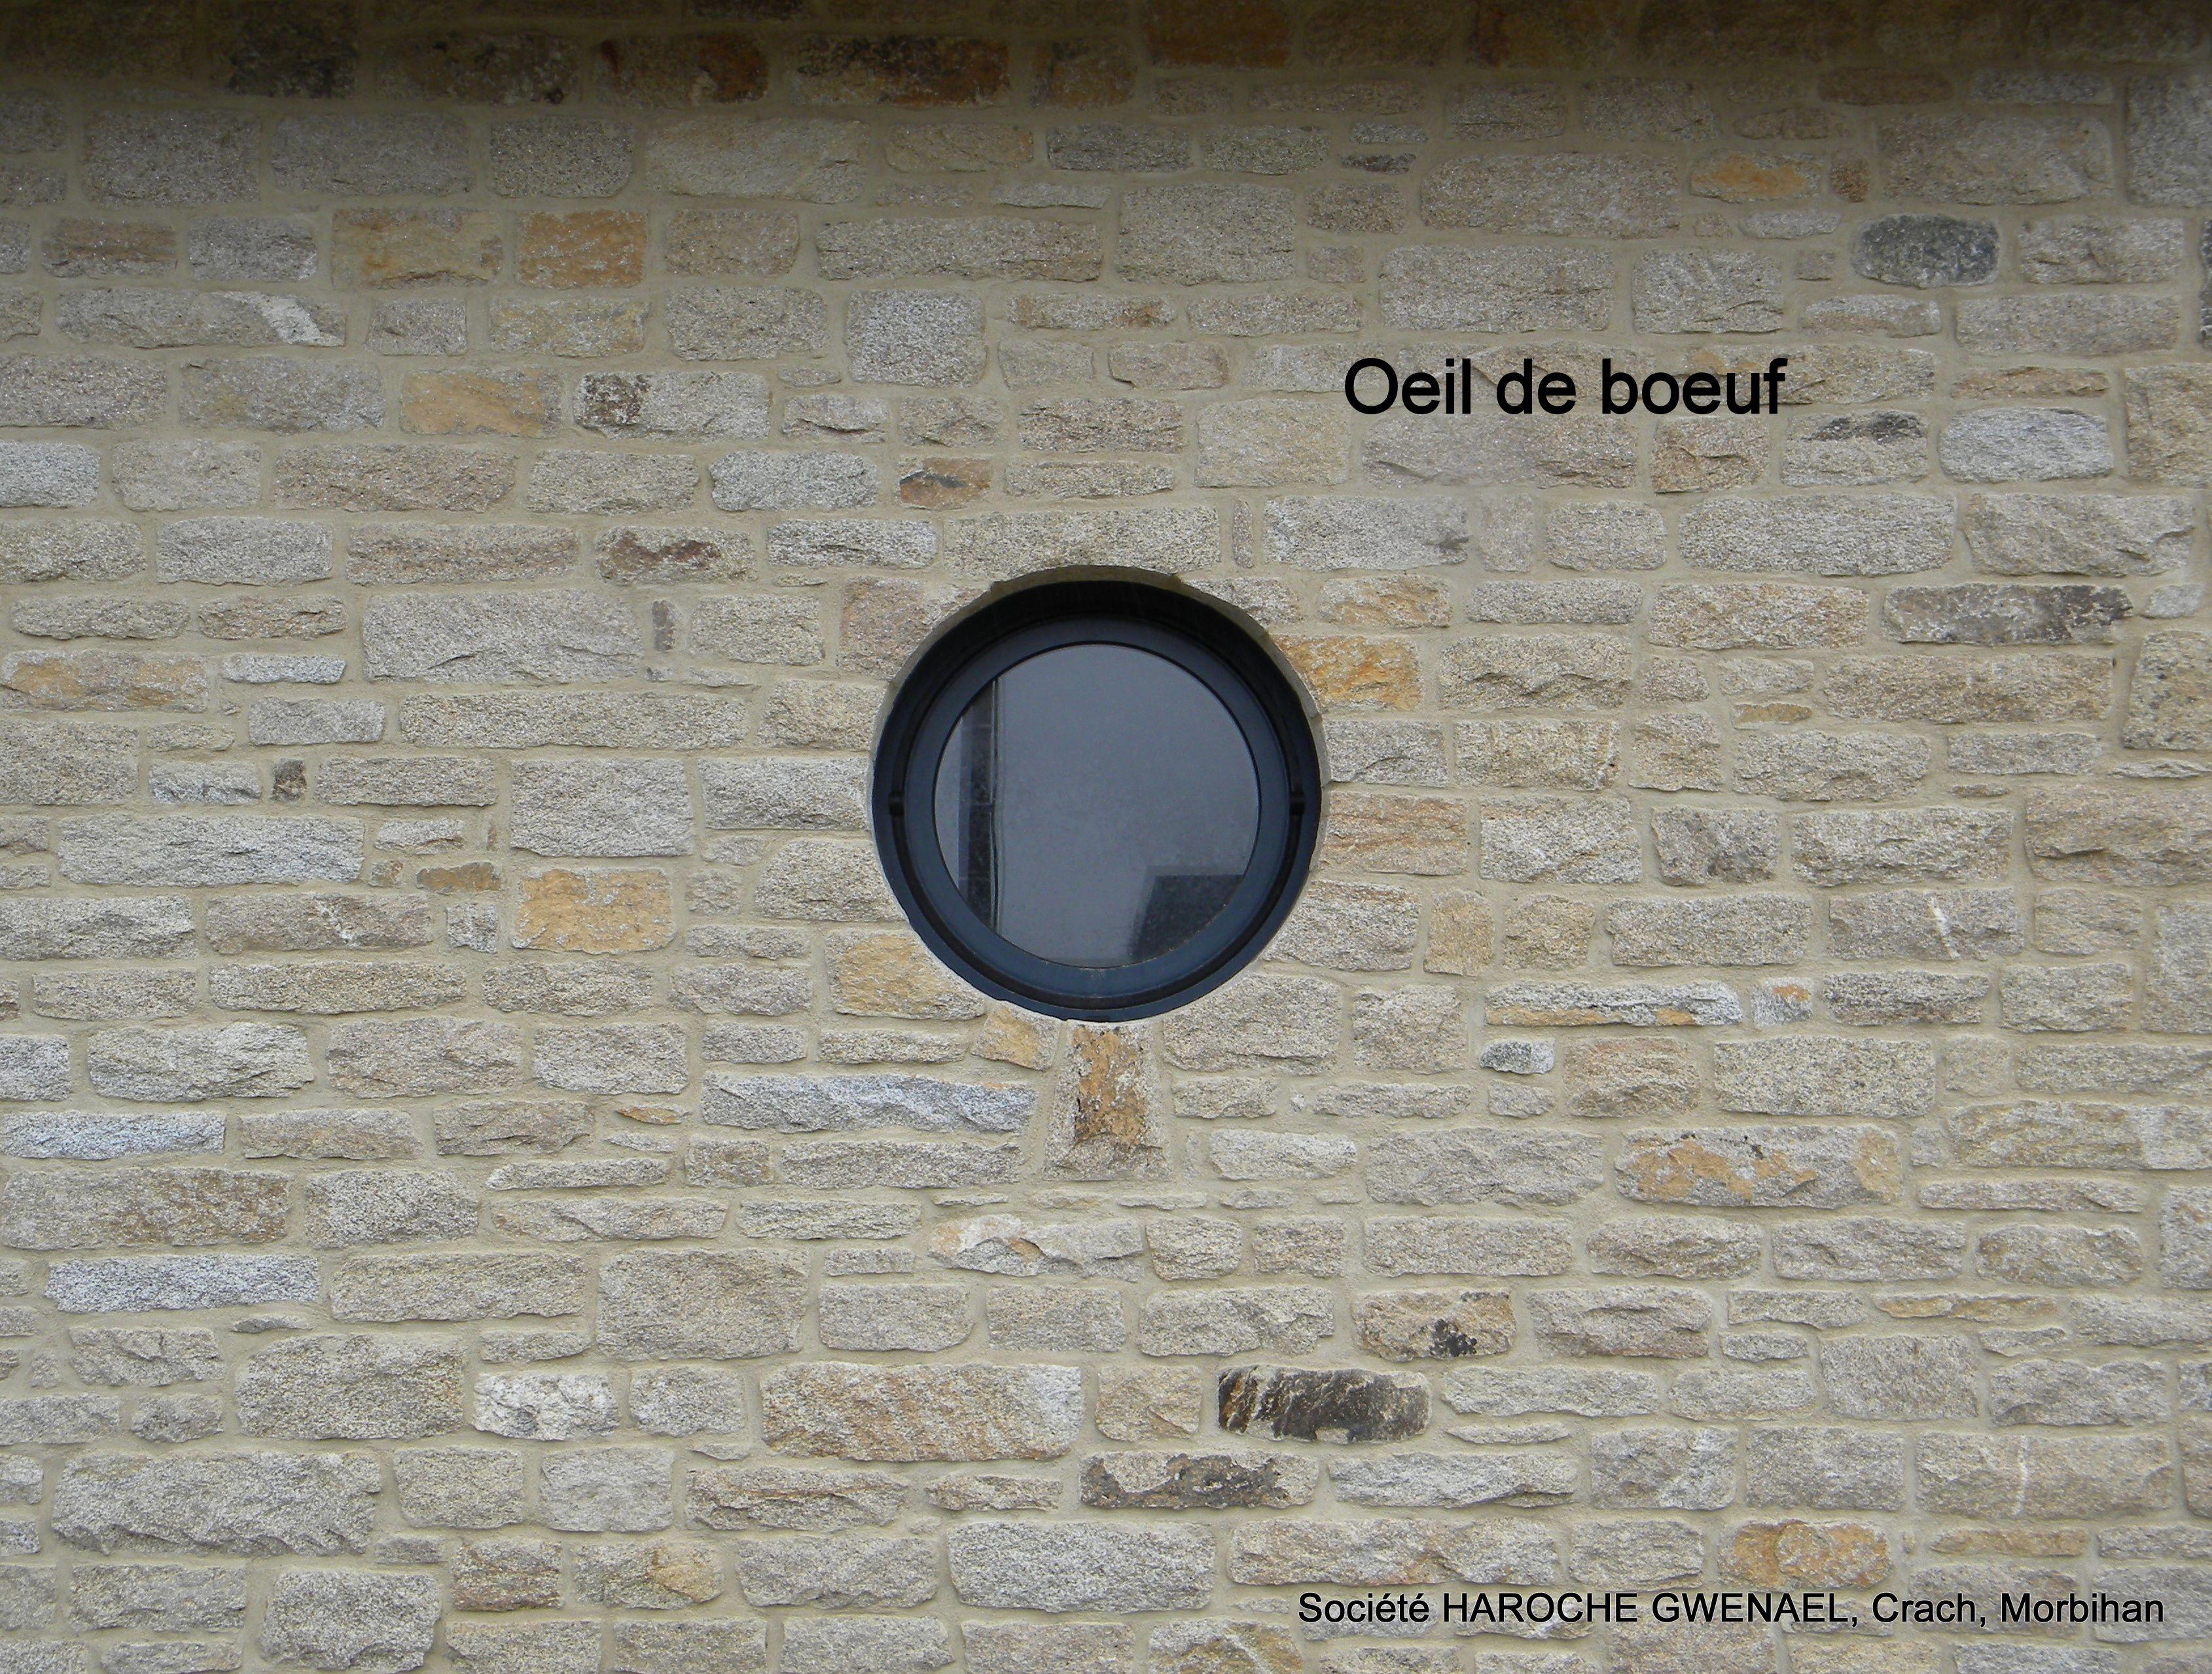 Oeil de boeuf en pierre naturelle. Bull's eye window